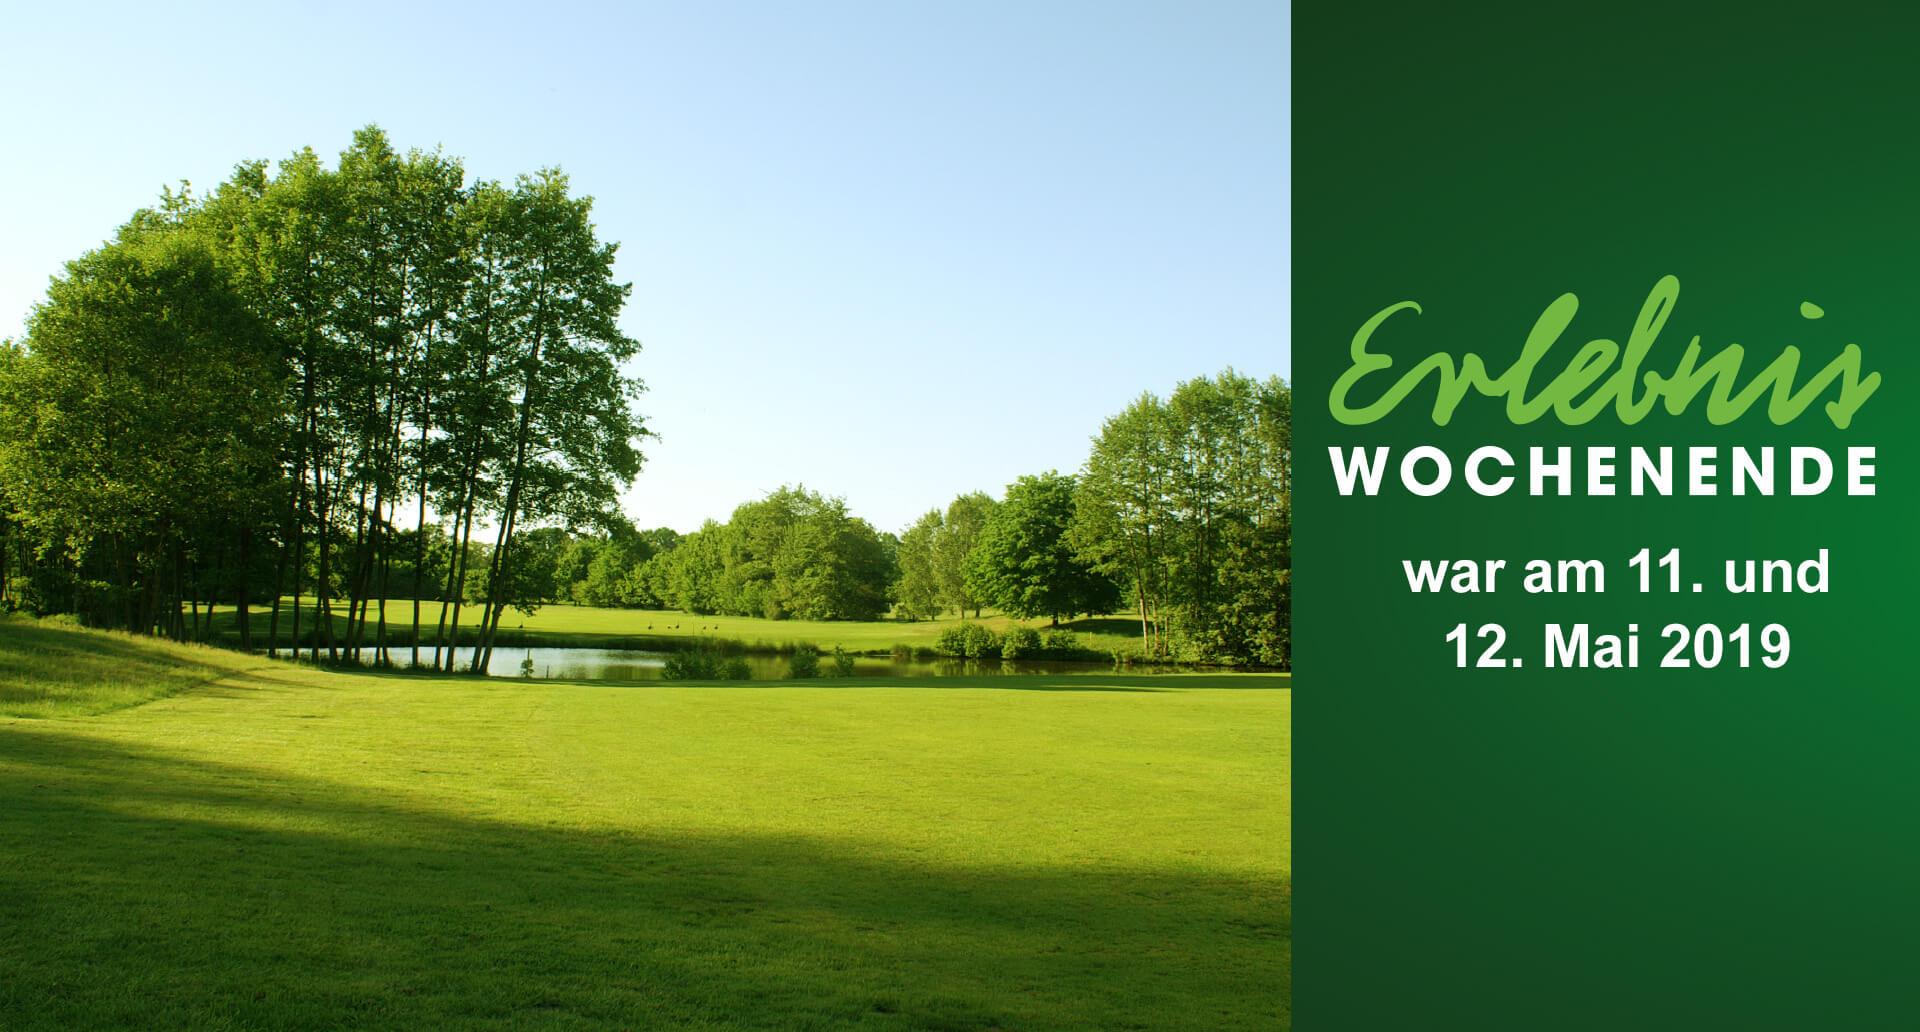 https://golfclub-peckeloh.de/wp-content/uploads/2019/05/Header_Erlebnis-Wochenende.jpg